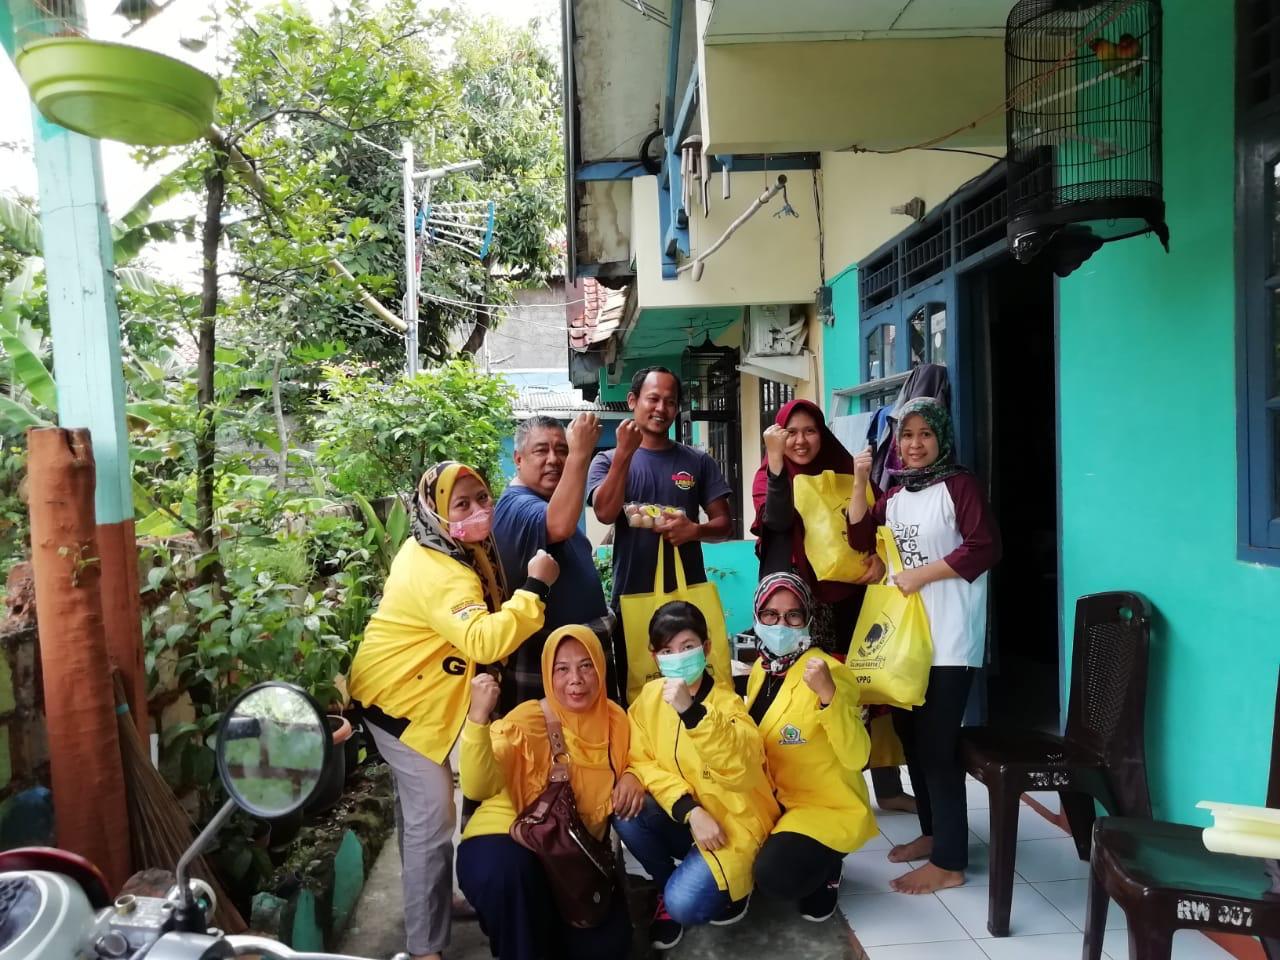 Jumat Berbagi, KPPG Kota Bogor Tebar 100 Paket Sembako Untuk Warga Panaragan